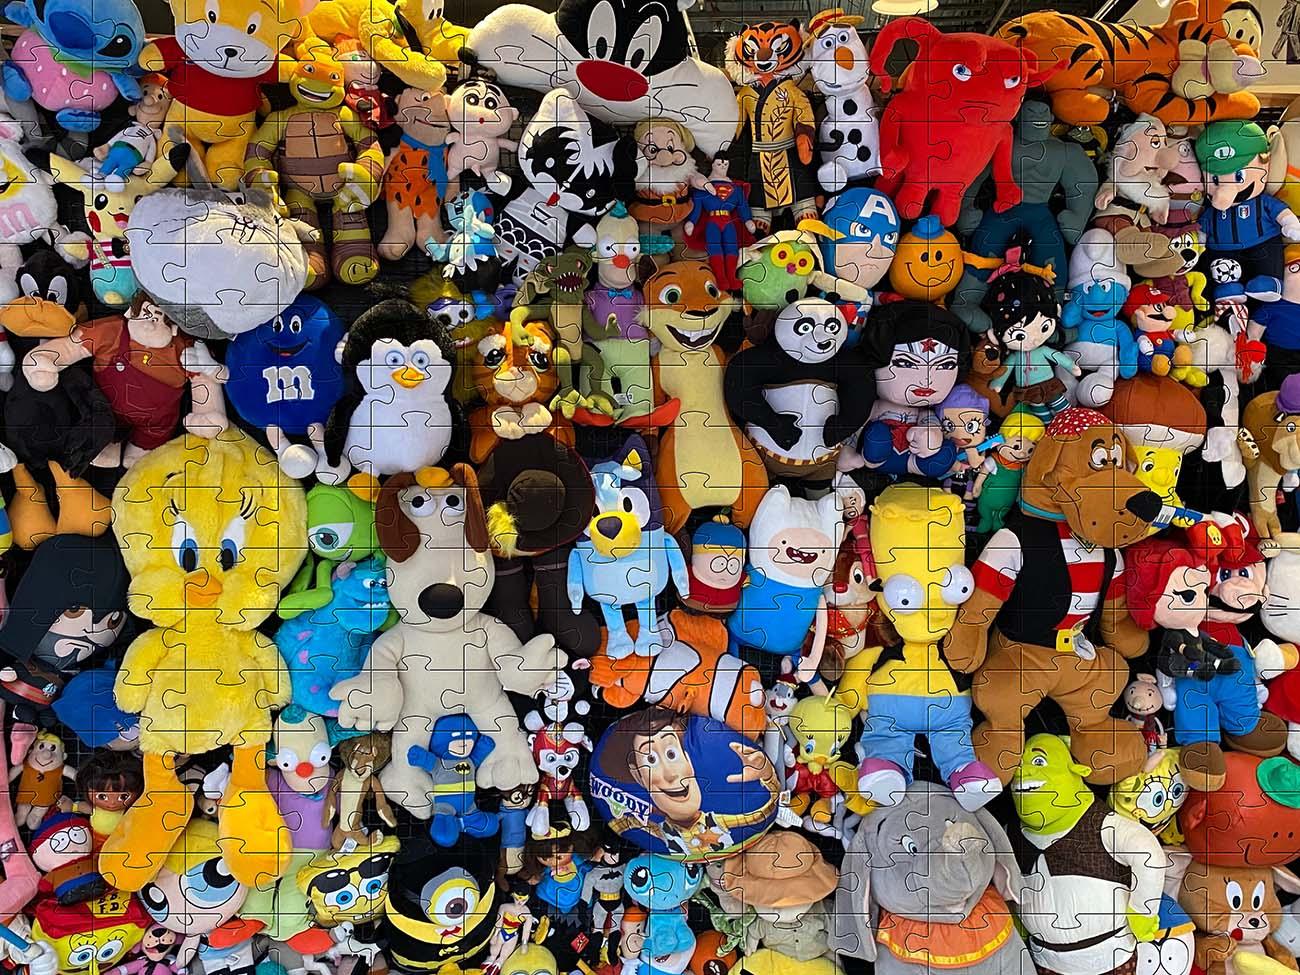 Quebra-cabeça Bonecos de Pelucia de 300 peças